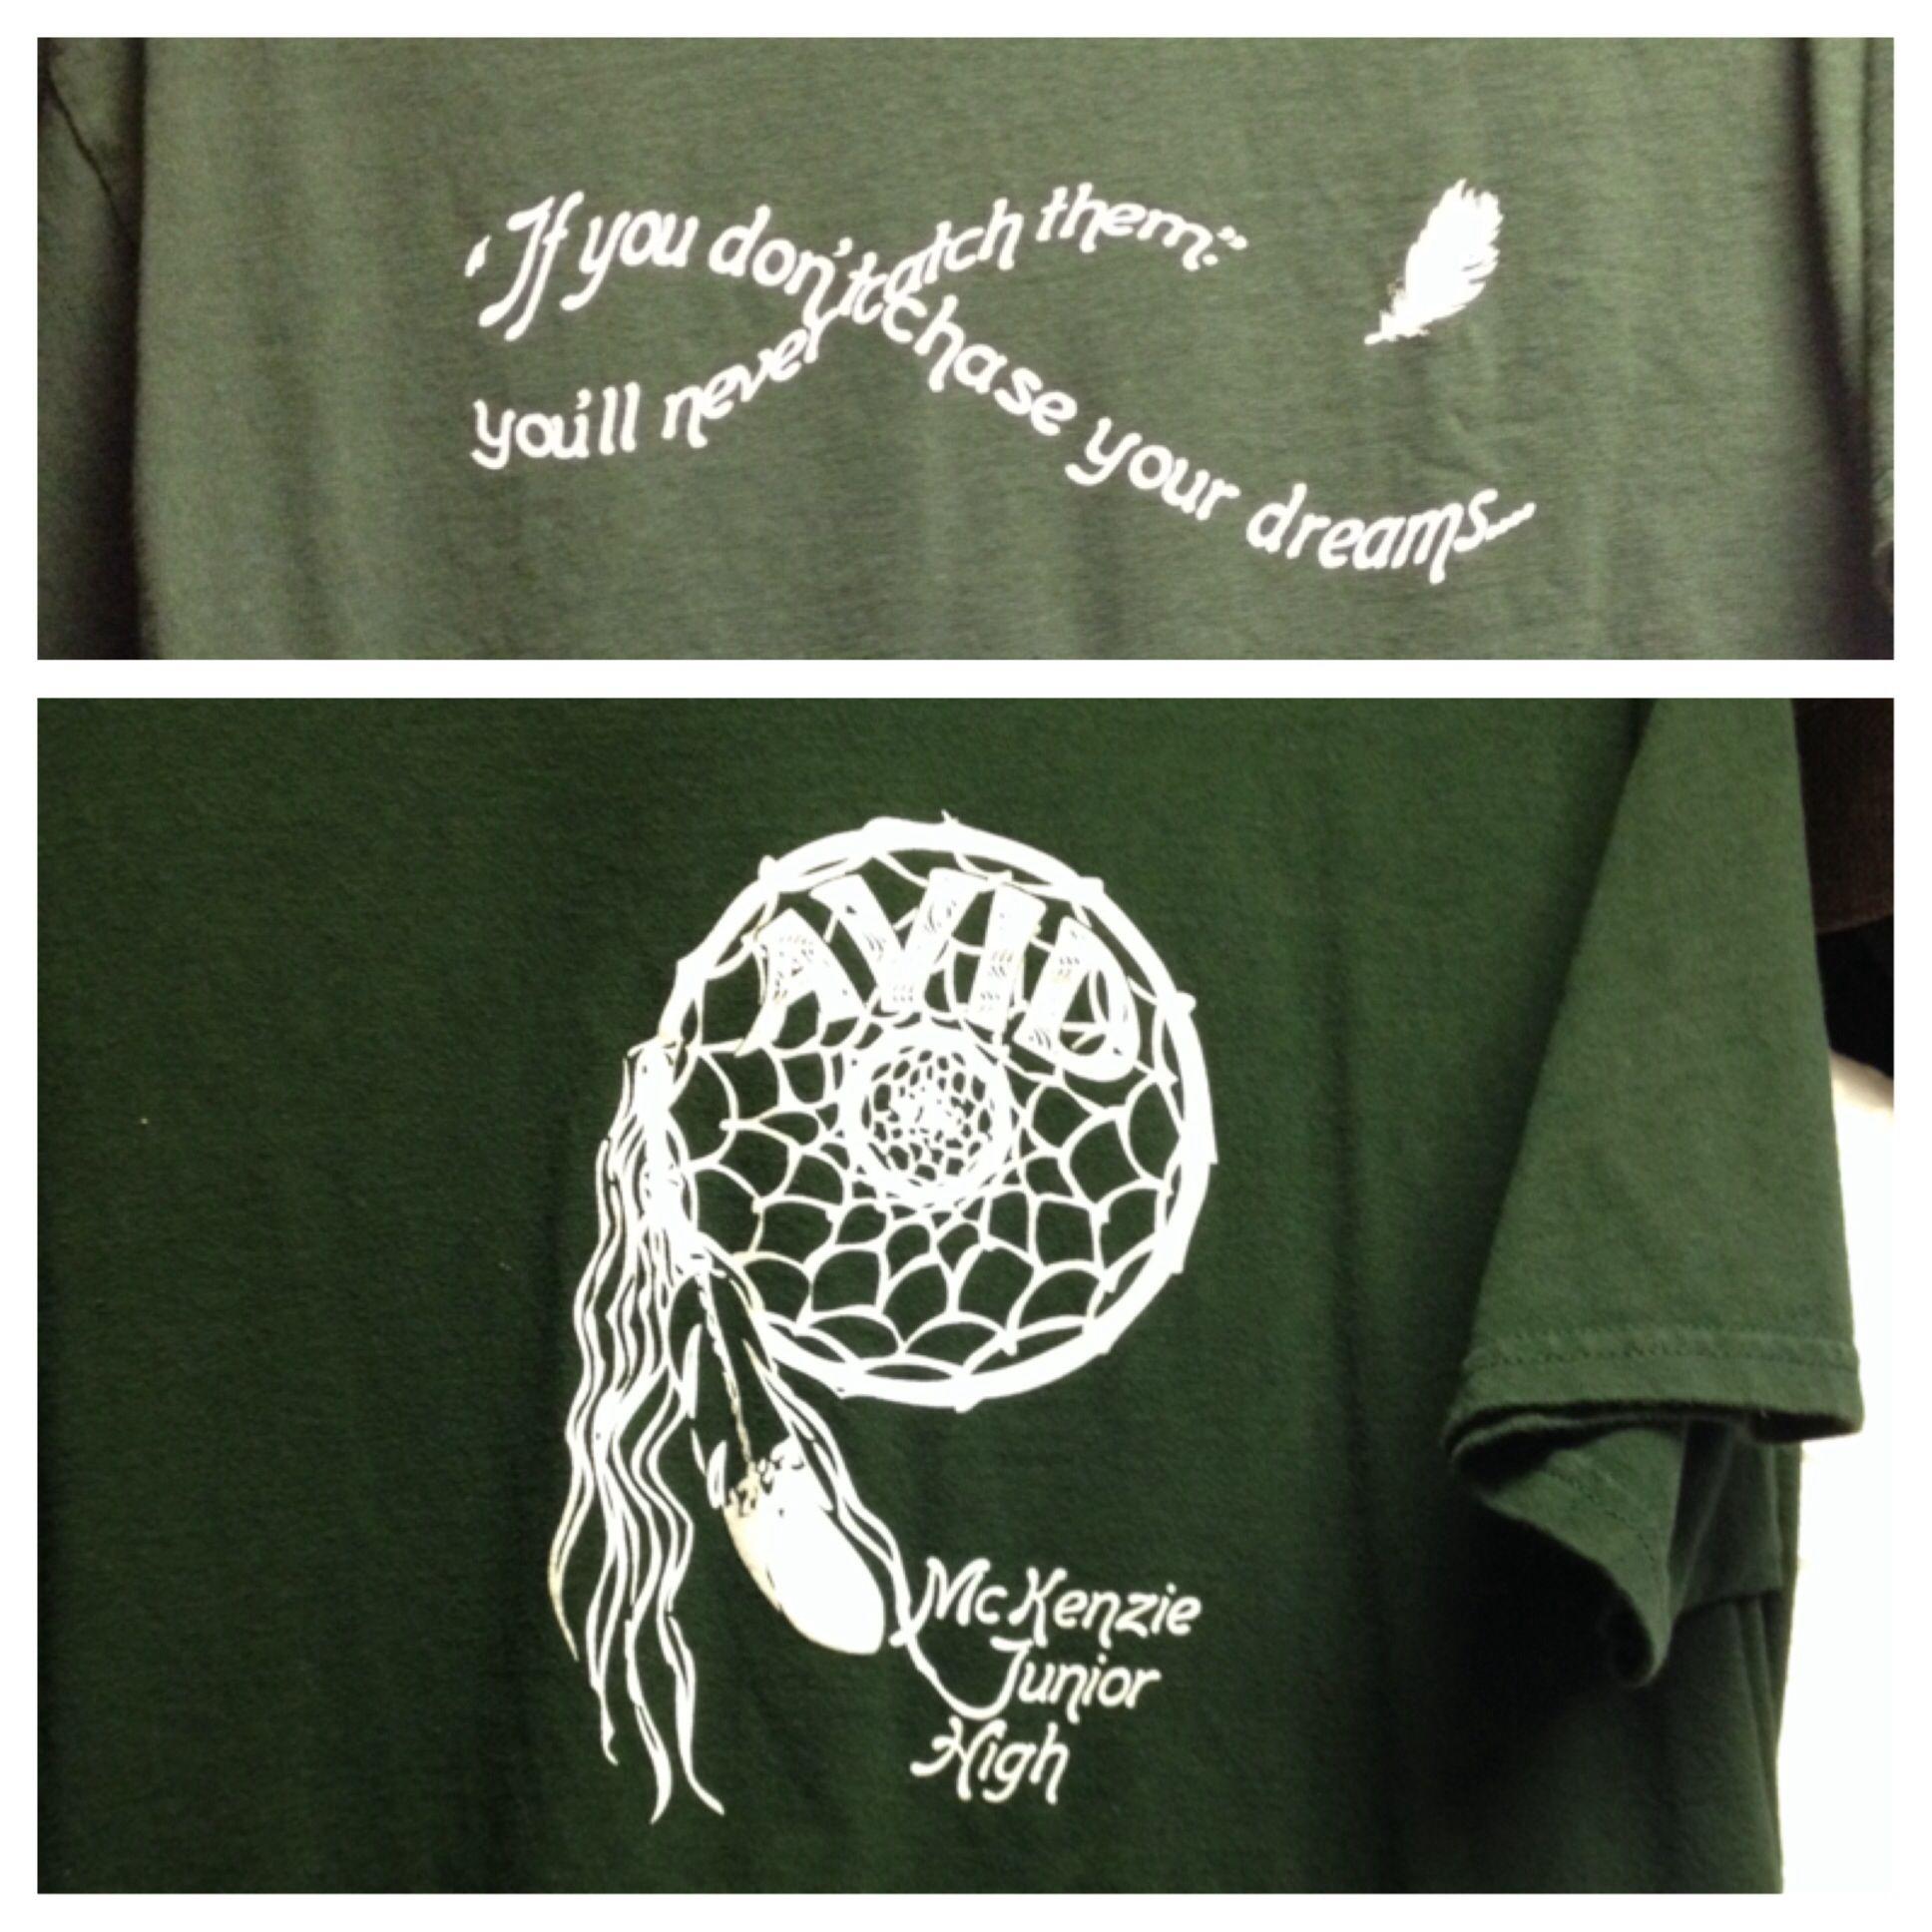 Avid tshirt design Shirt designs, Shirts, Tshirt designs